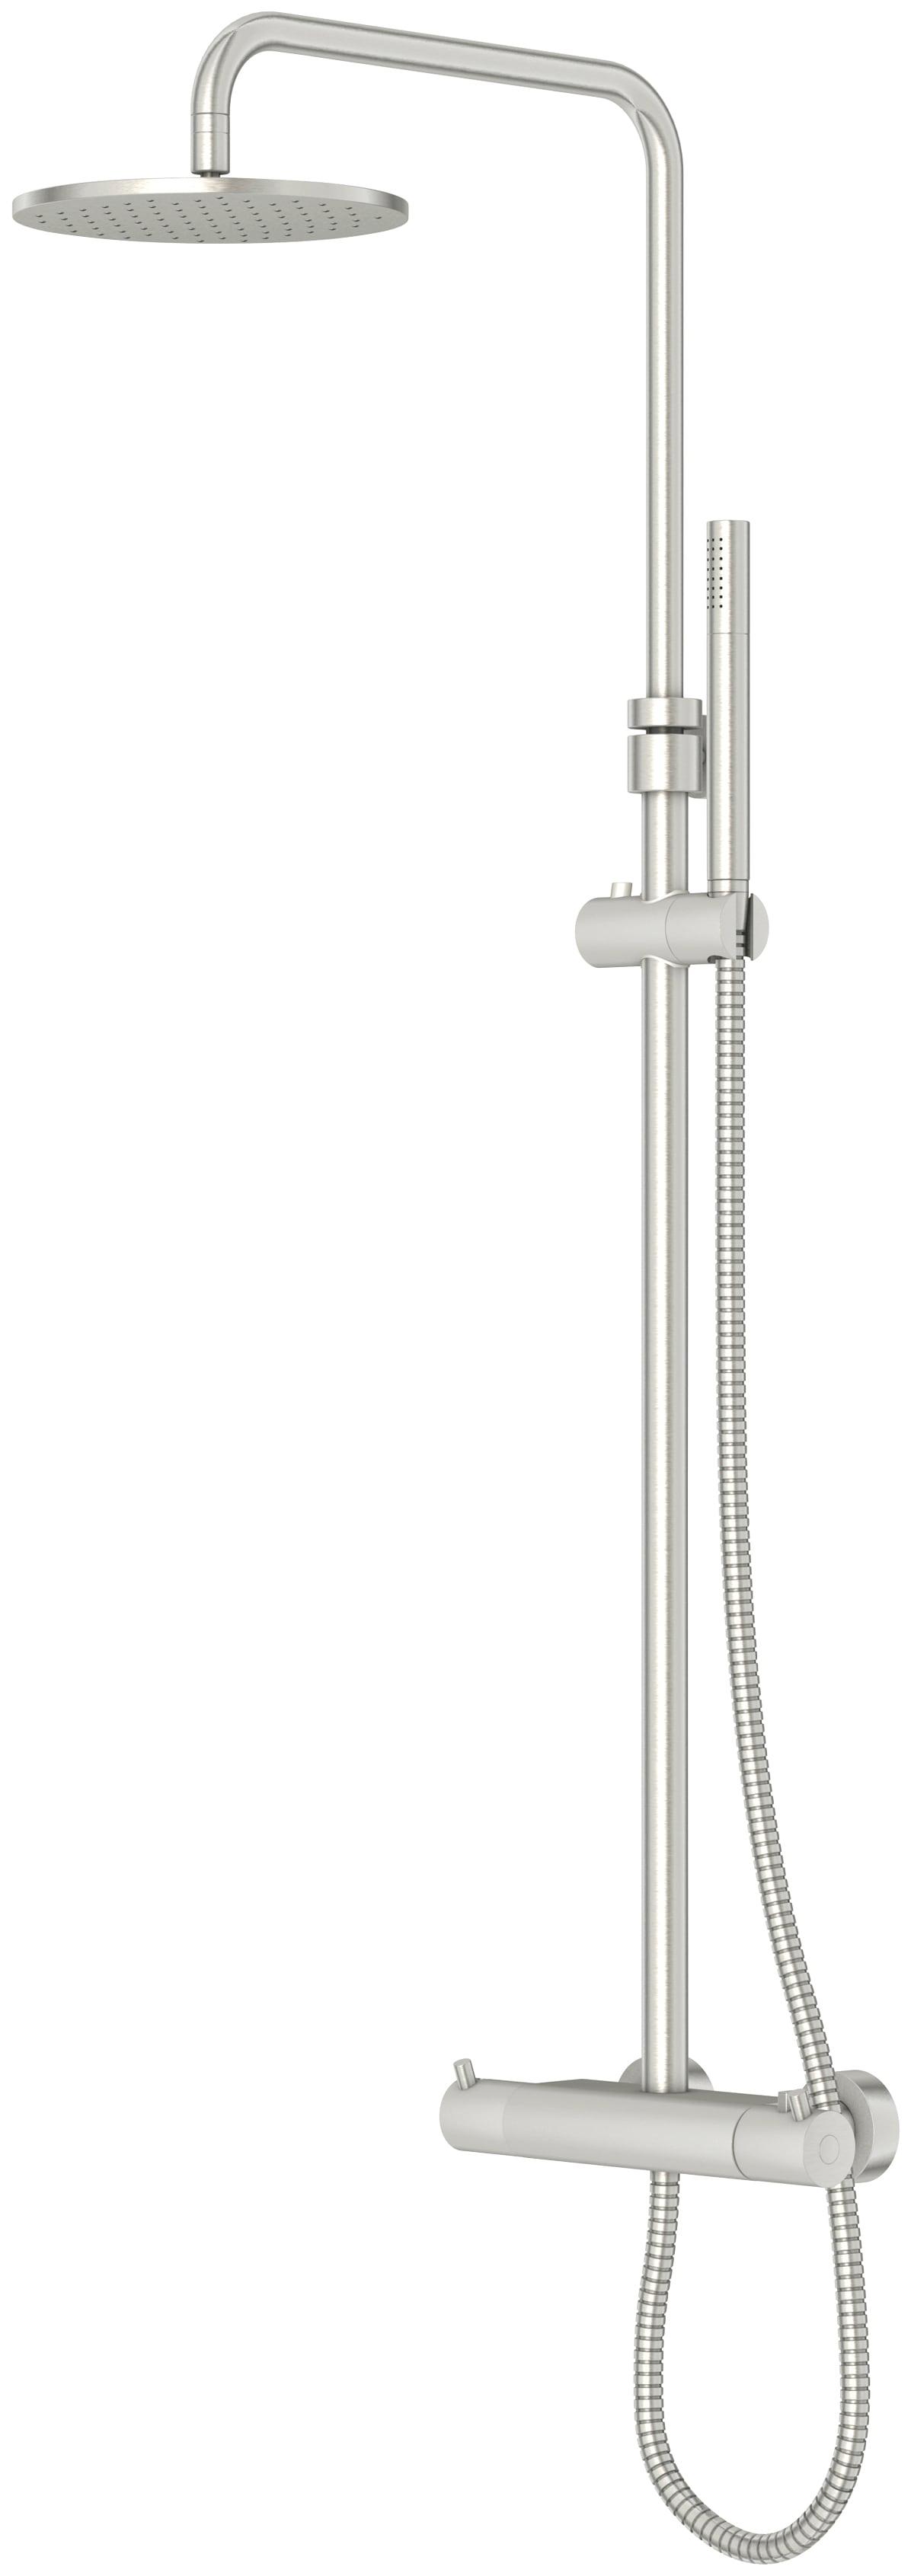 Steinberg Duschsystem 100, Für Durchlauferhitzer ab 21kwh geeignet silberfarben Duschsysteme Badarmaturen Bad Sanitär